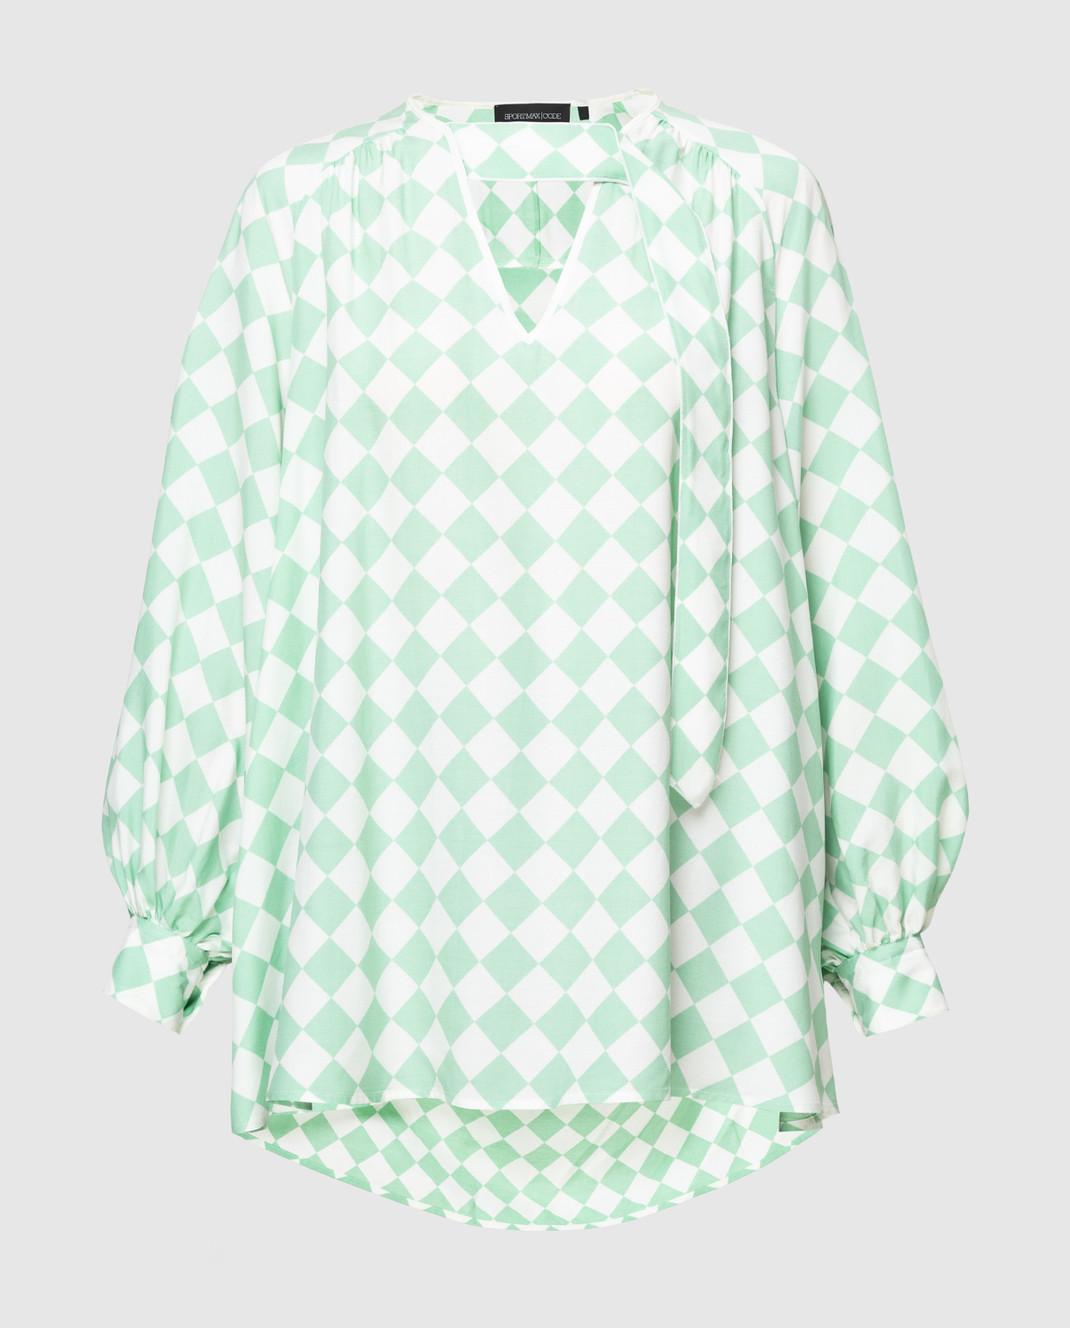 Max Mara Sportmax Code Мятная блуза изображение 1